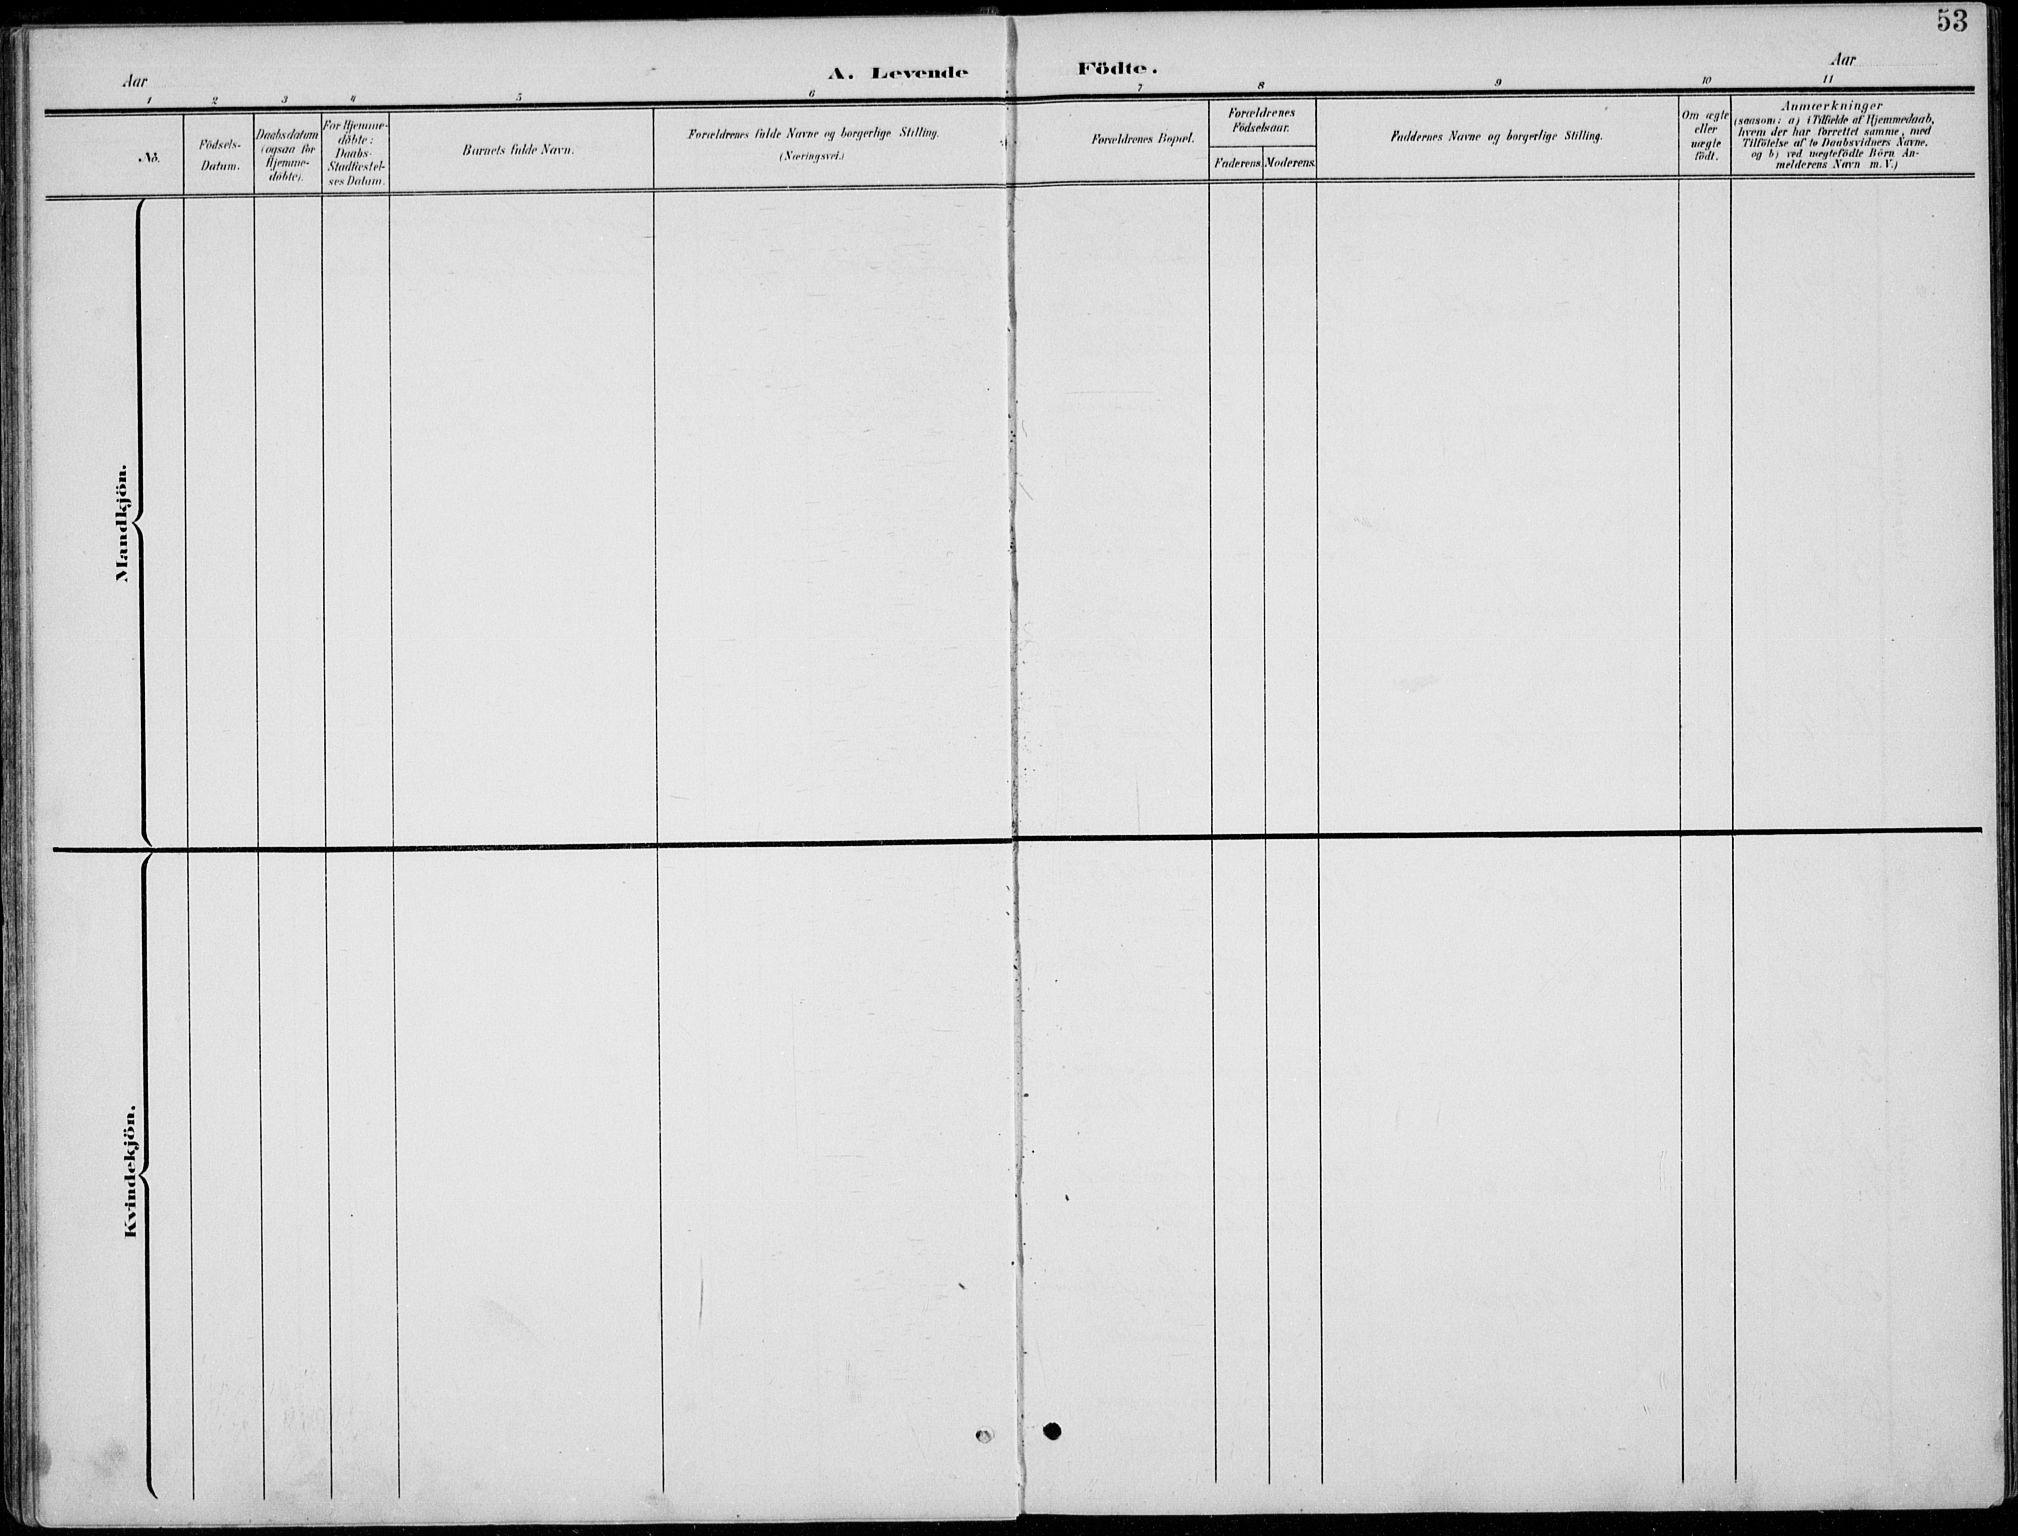 SAH, Lom prestekontor, L/L0006: Klokkerbok nr. 6, 1901-1939, s. 53